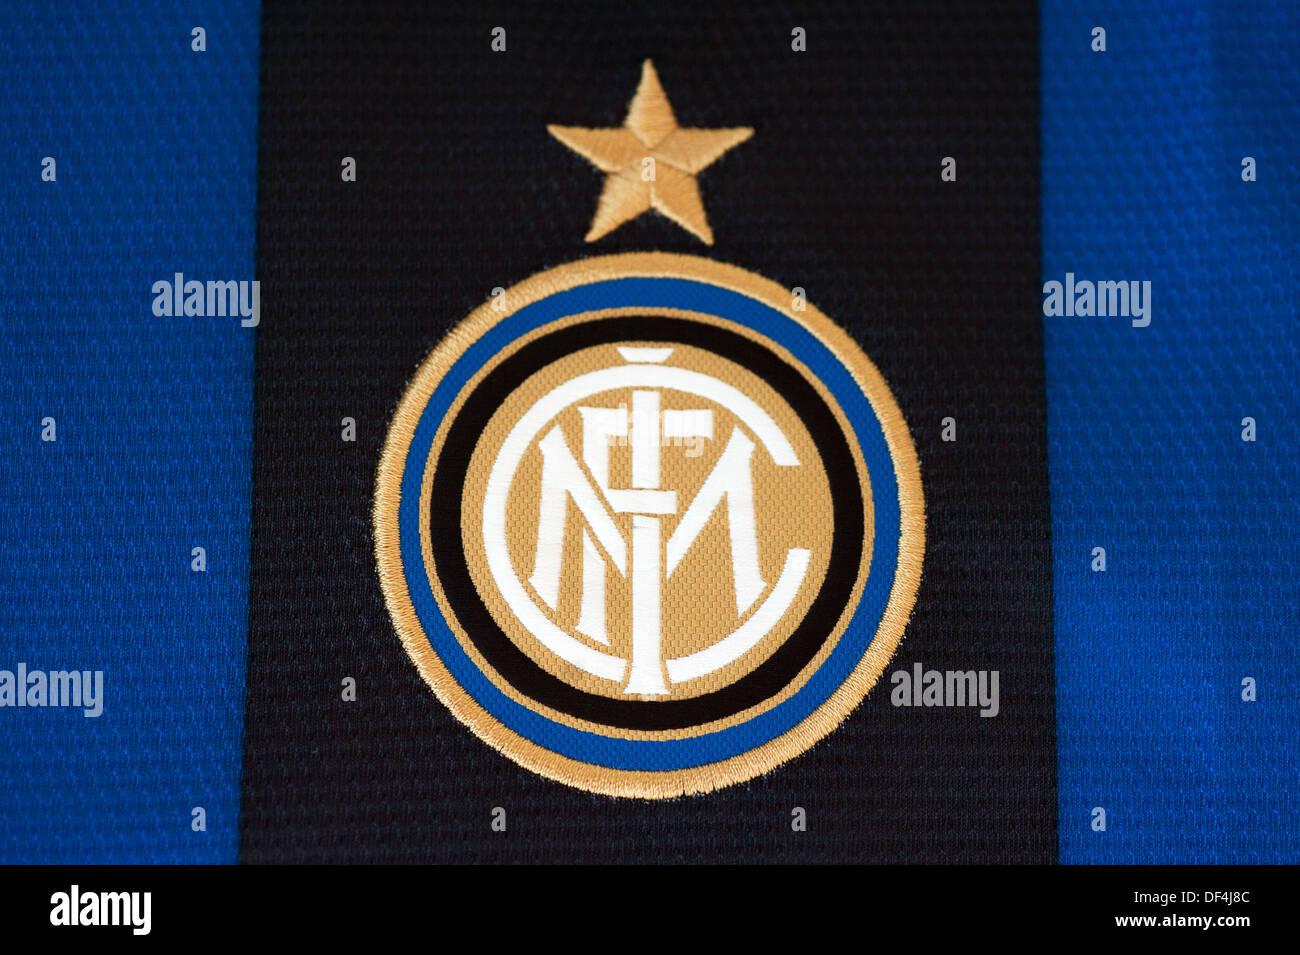 F.C. Internazionale Milano Stock Photo